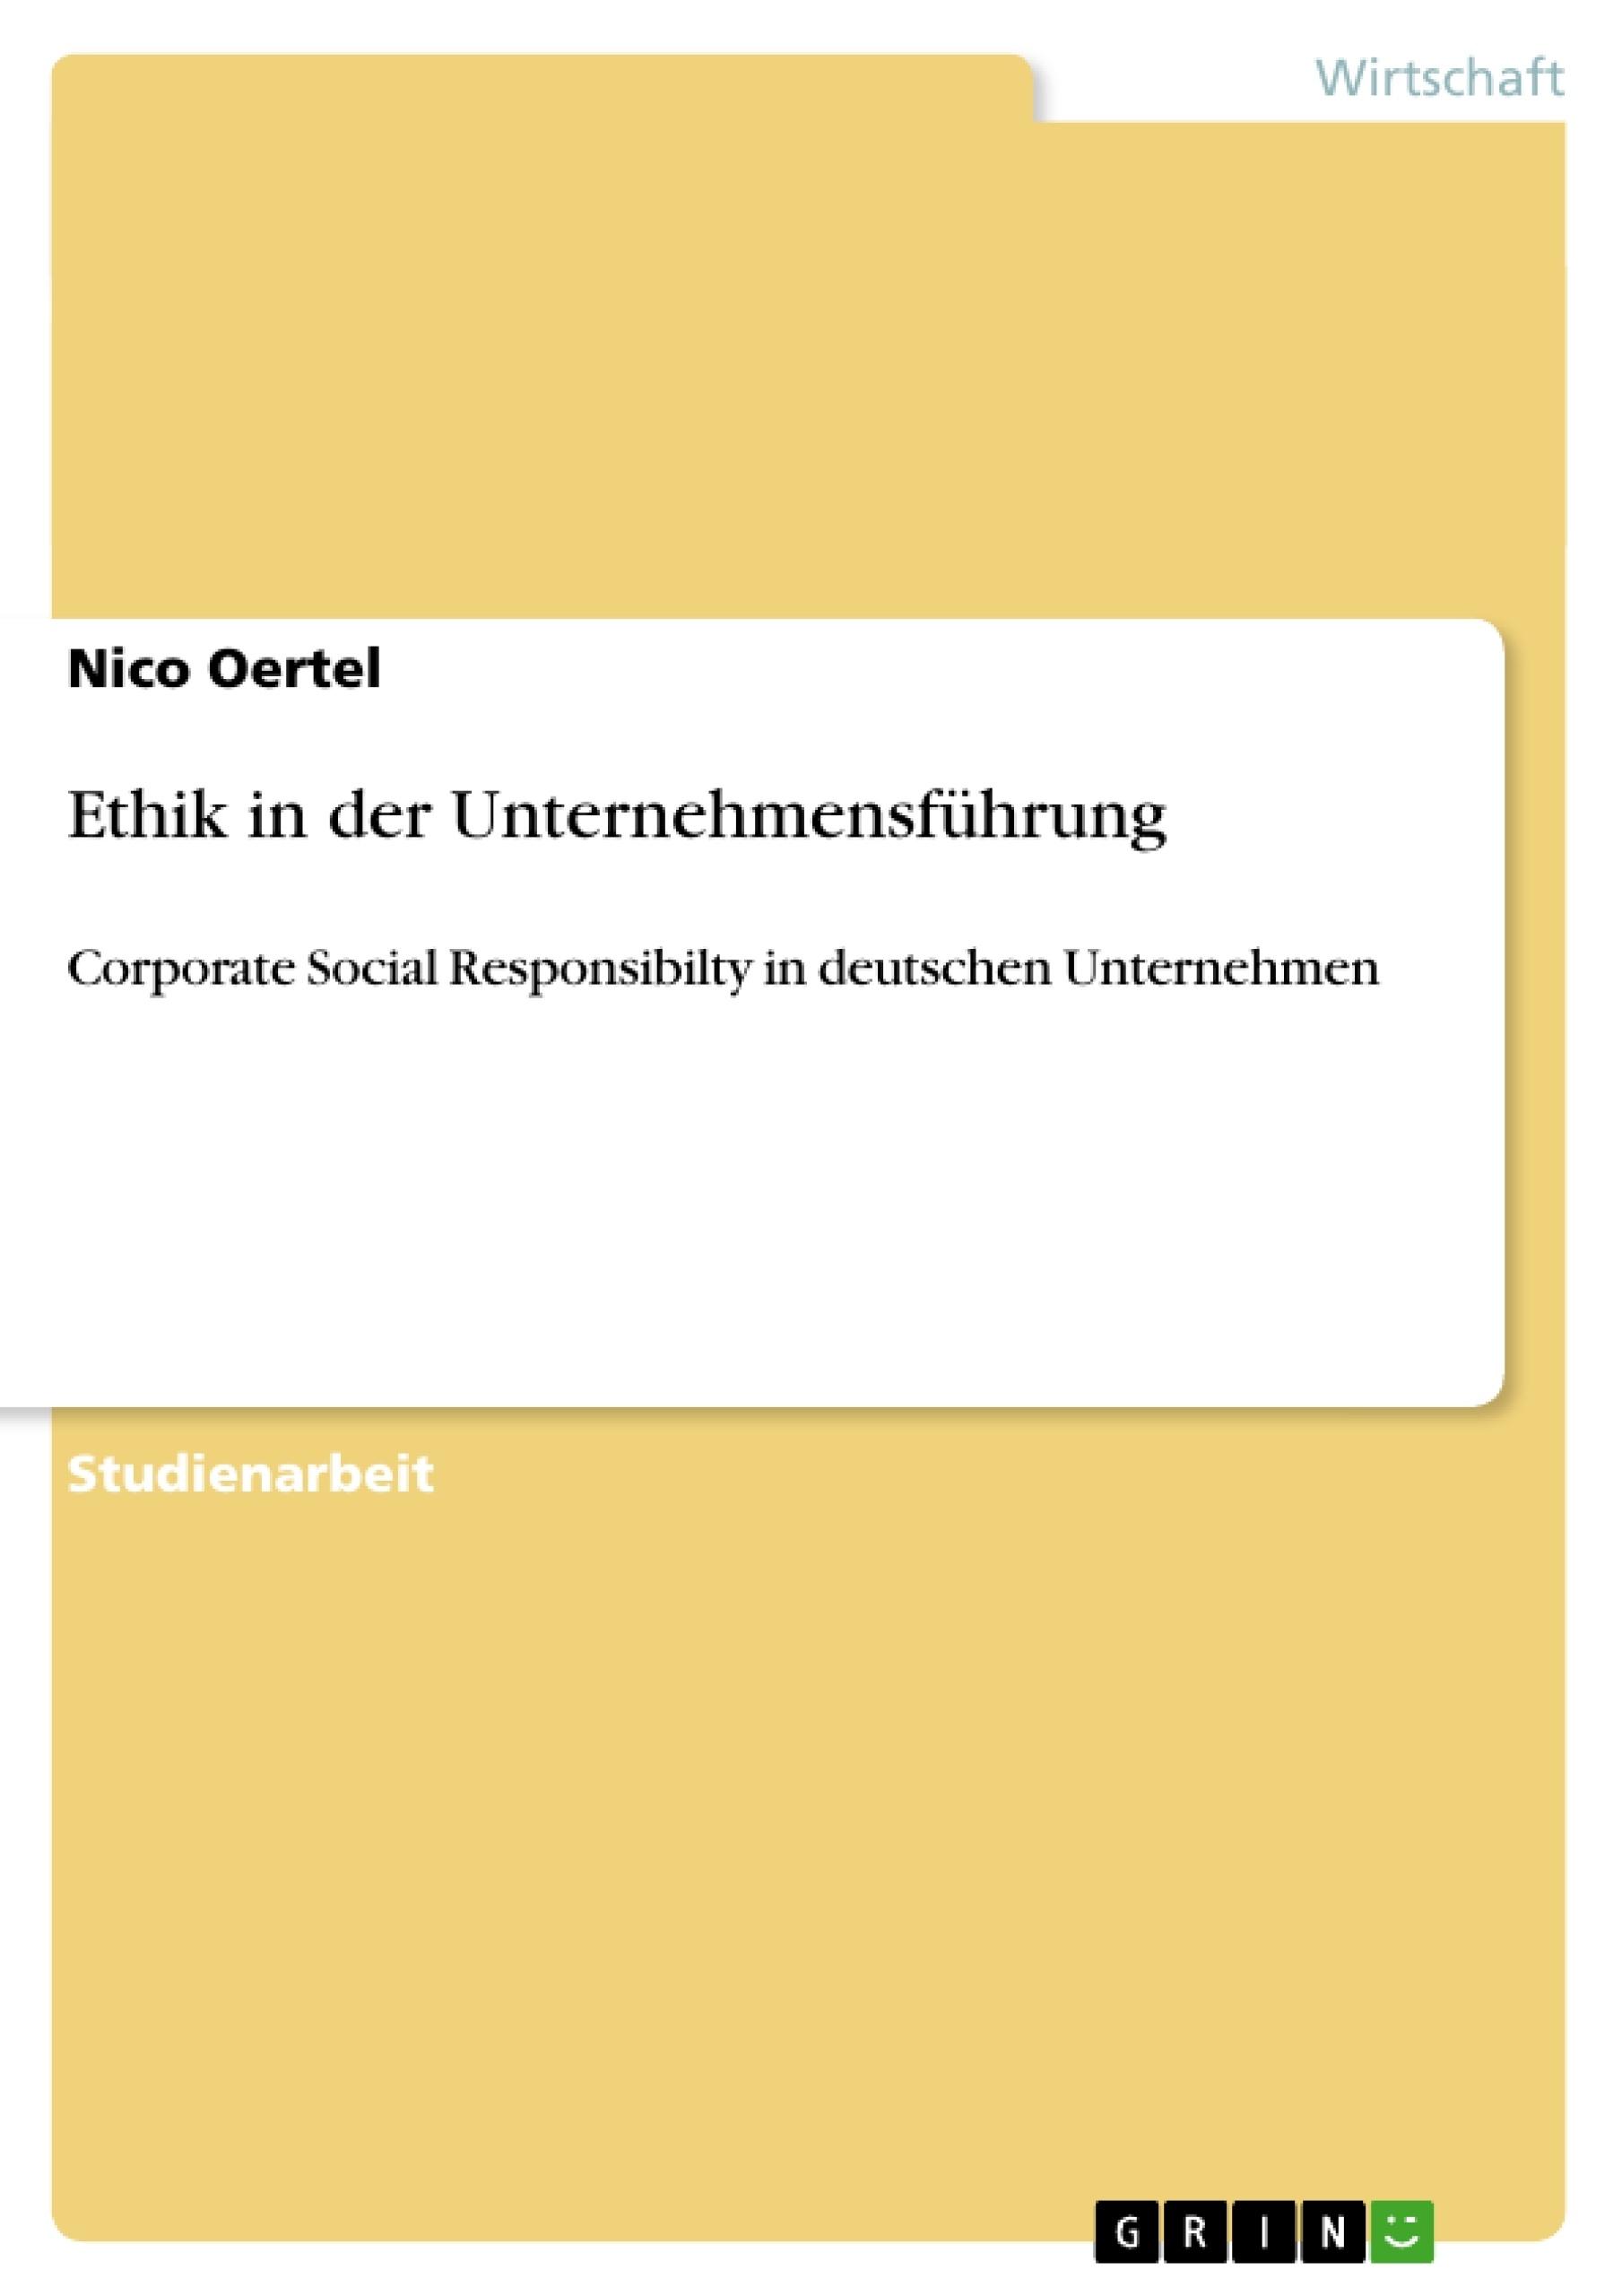 Titel: Ethik in der Unternehmensführung